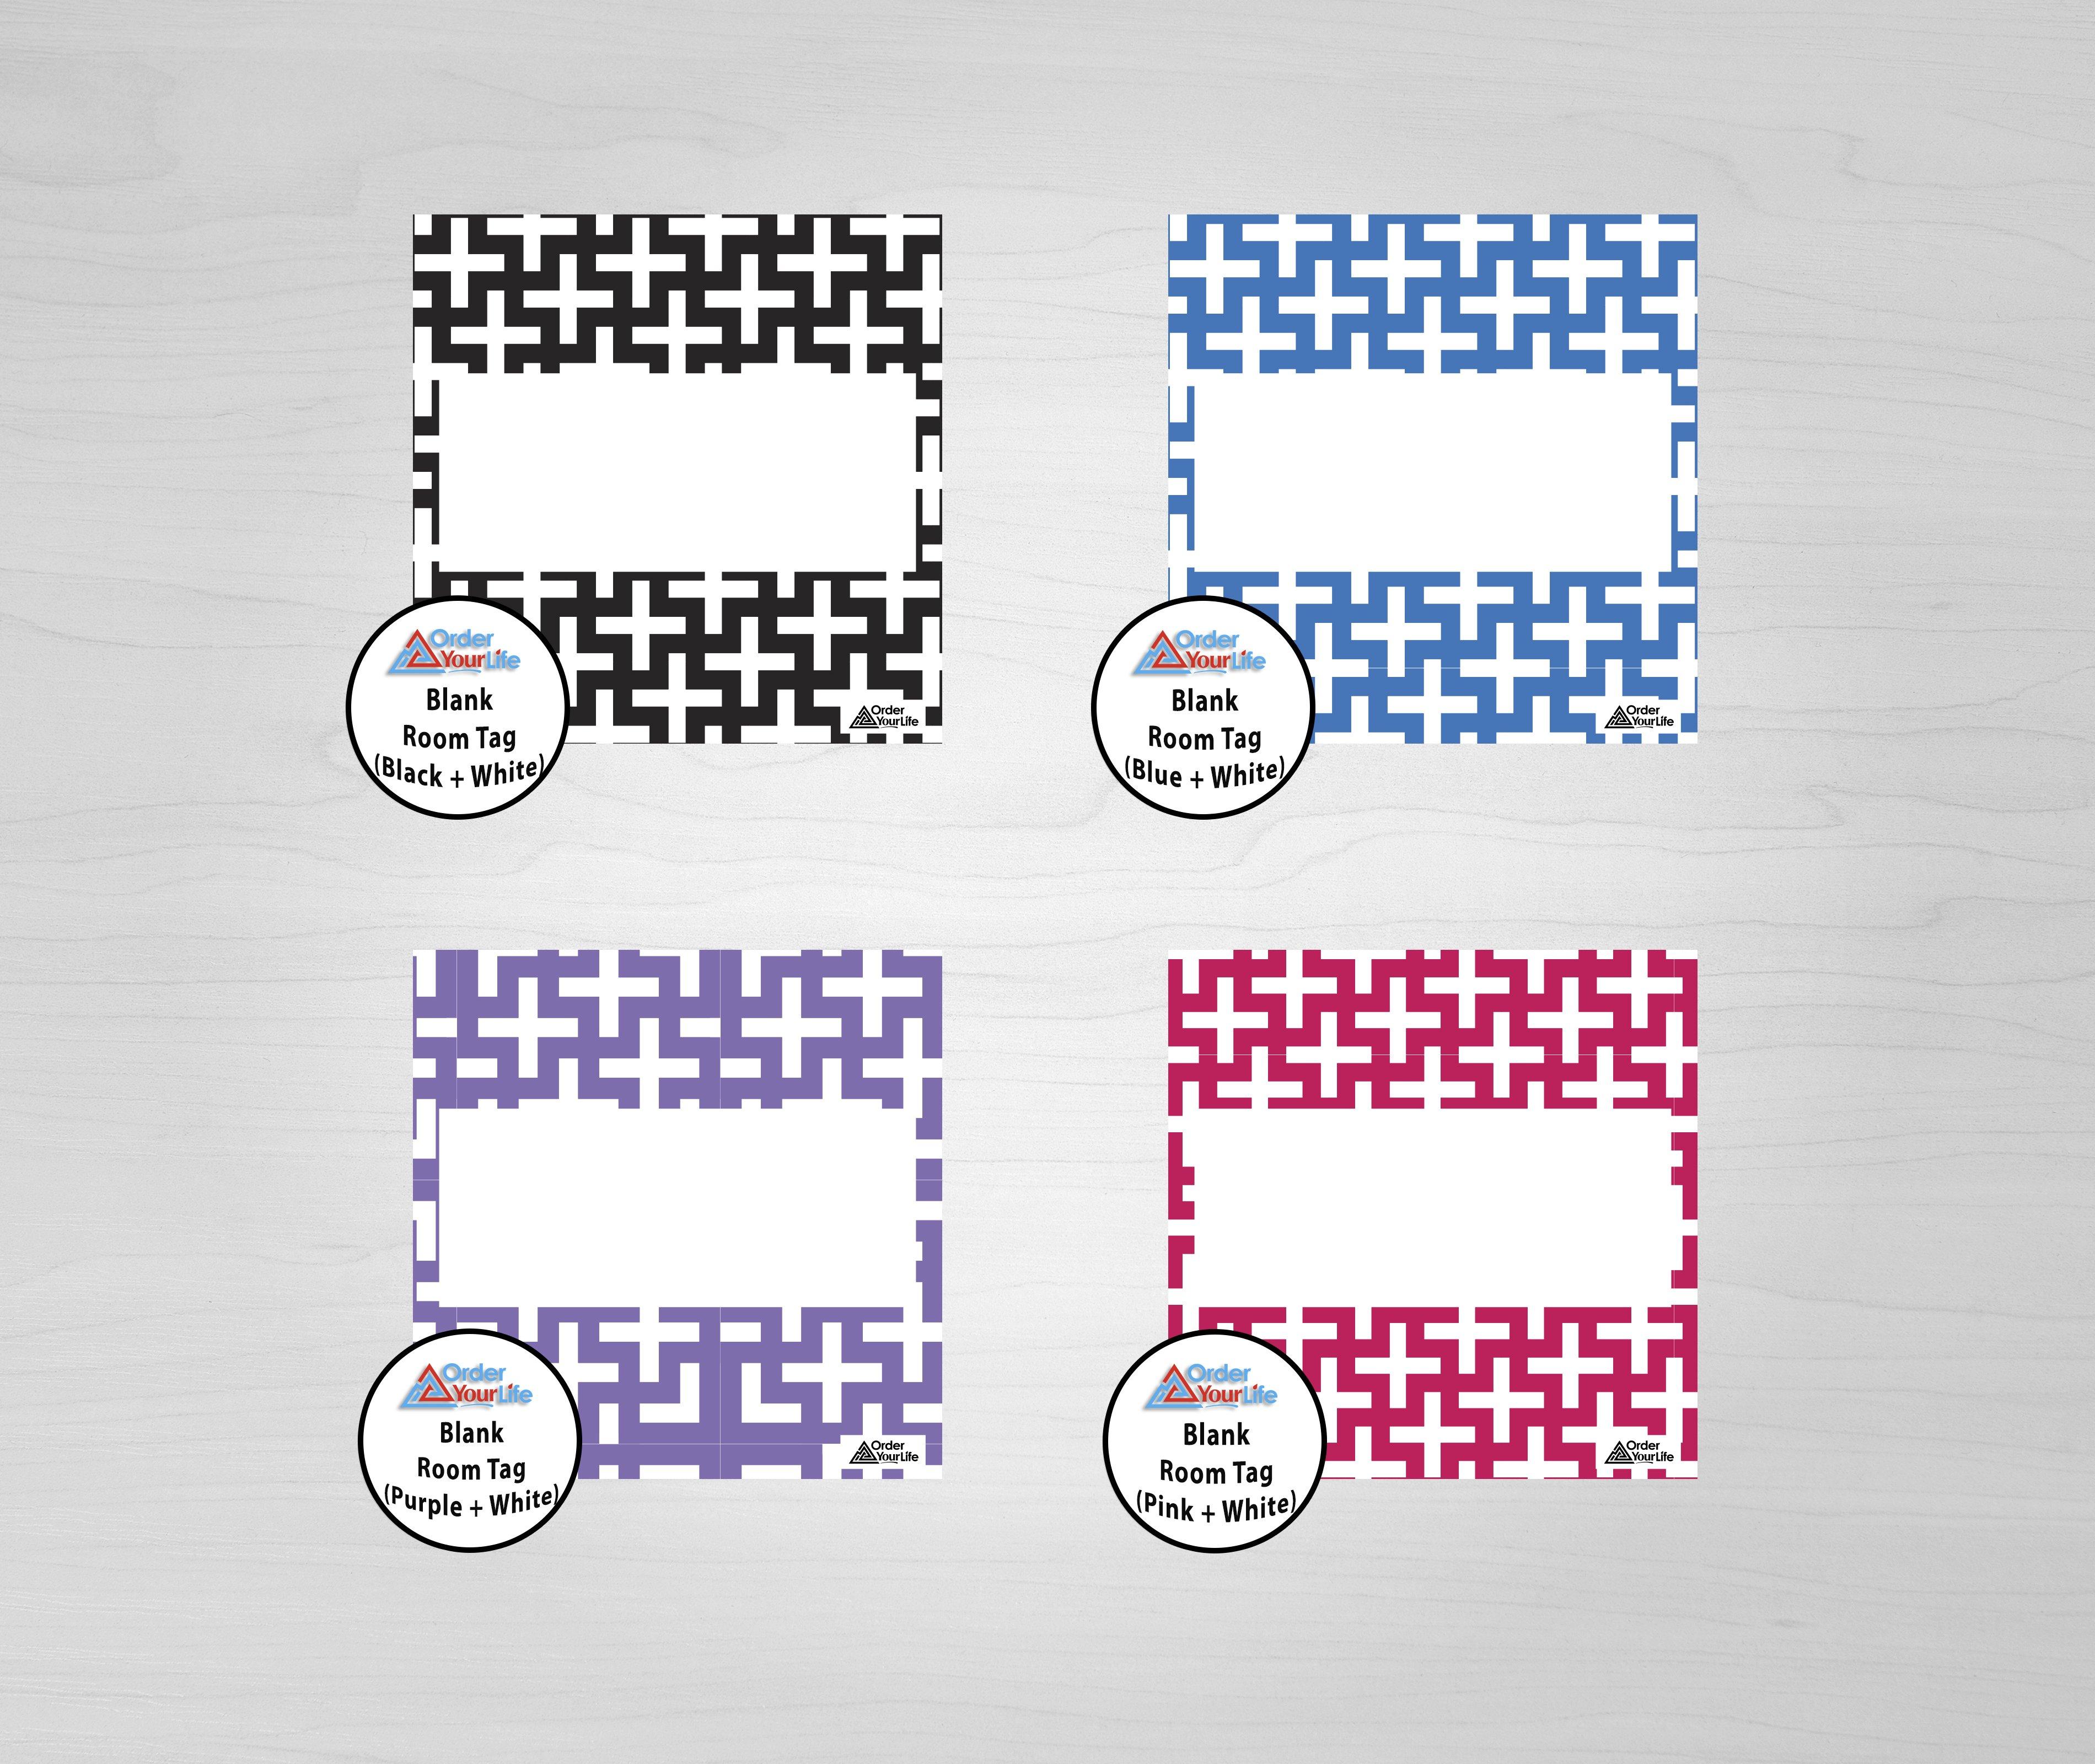 Room Tags - Print & Ship / Blank Room Tag (Purple + White)